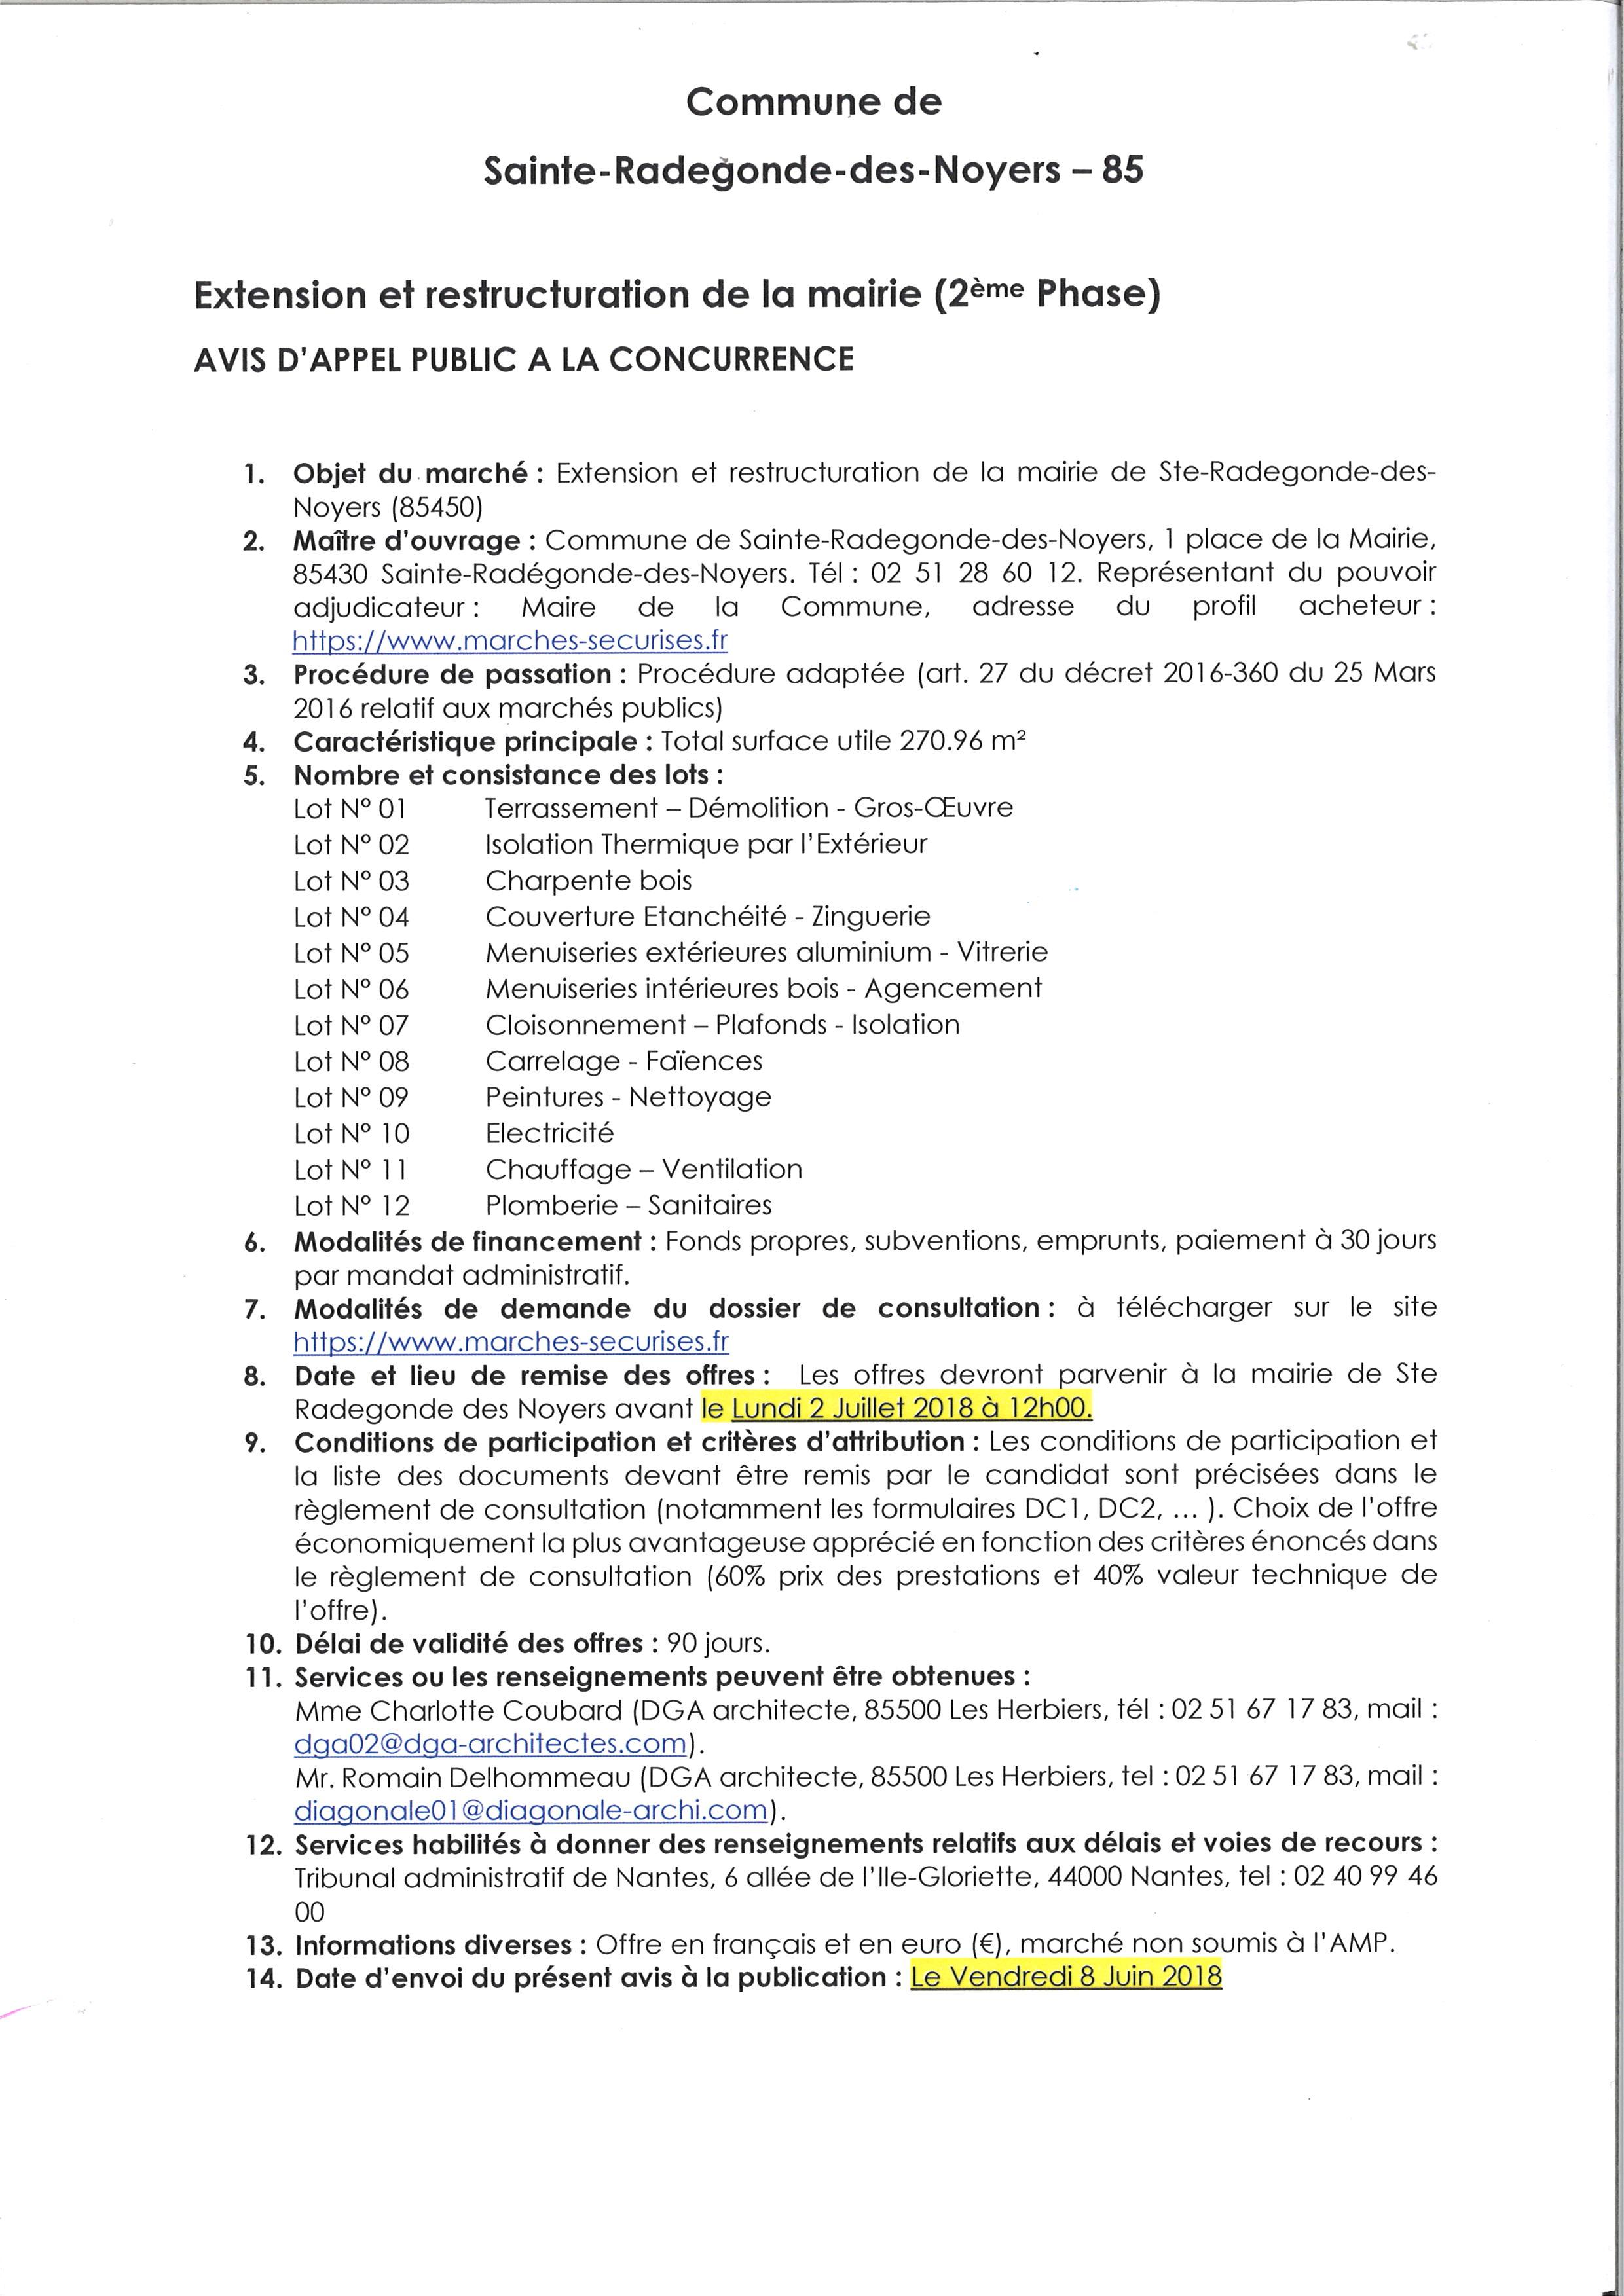 Appel D'offres Extension et rénovation de la Mairie